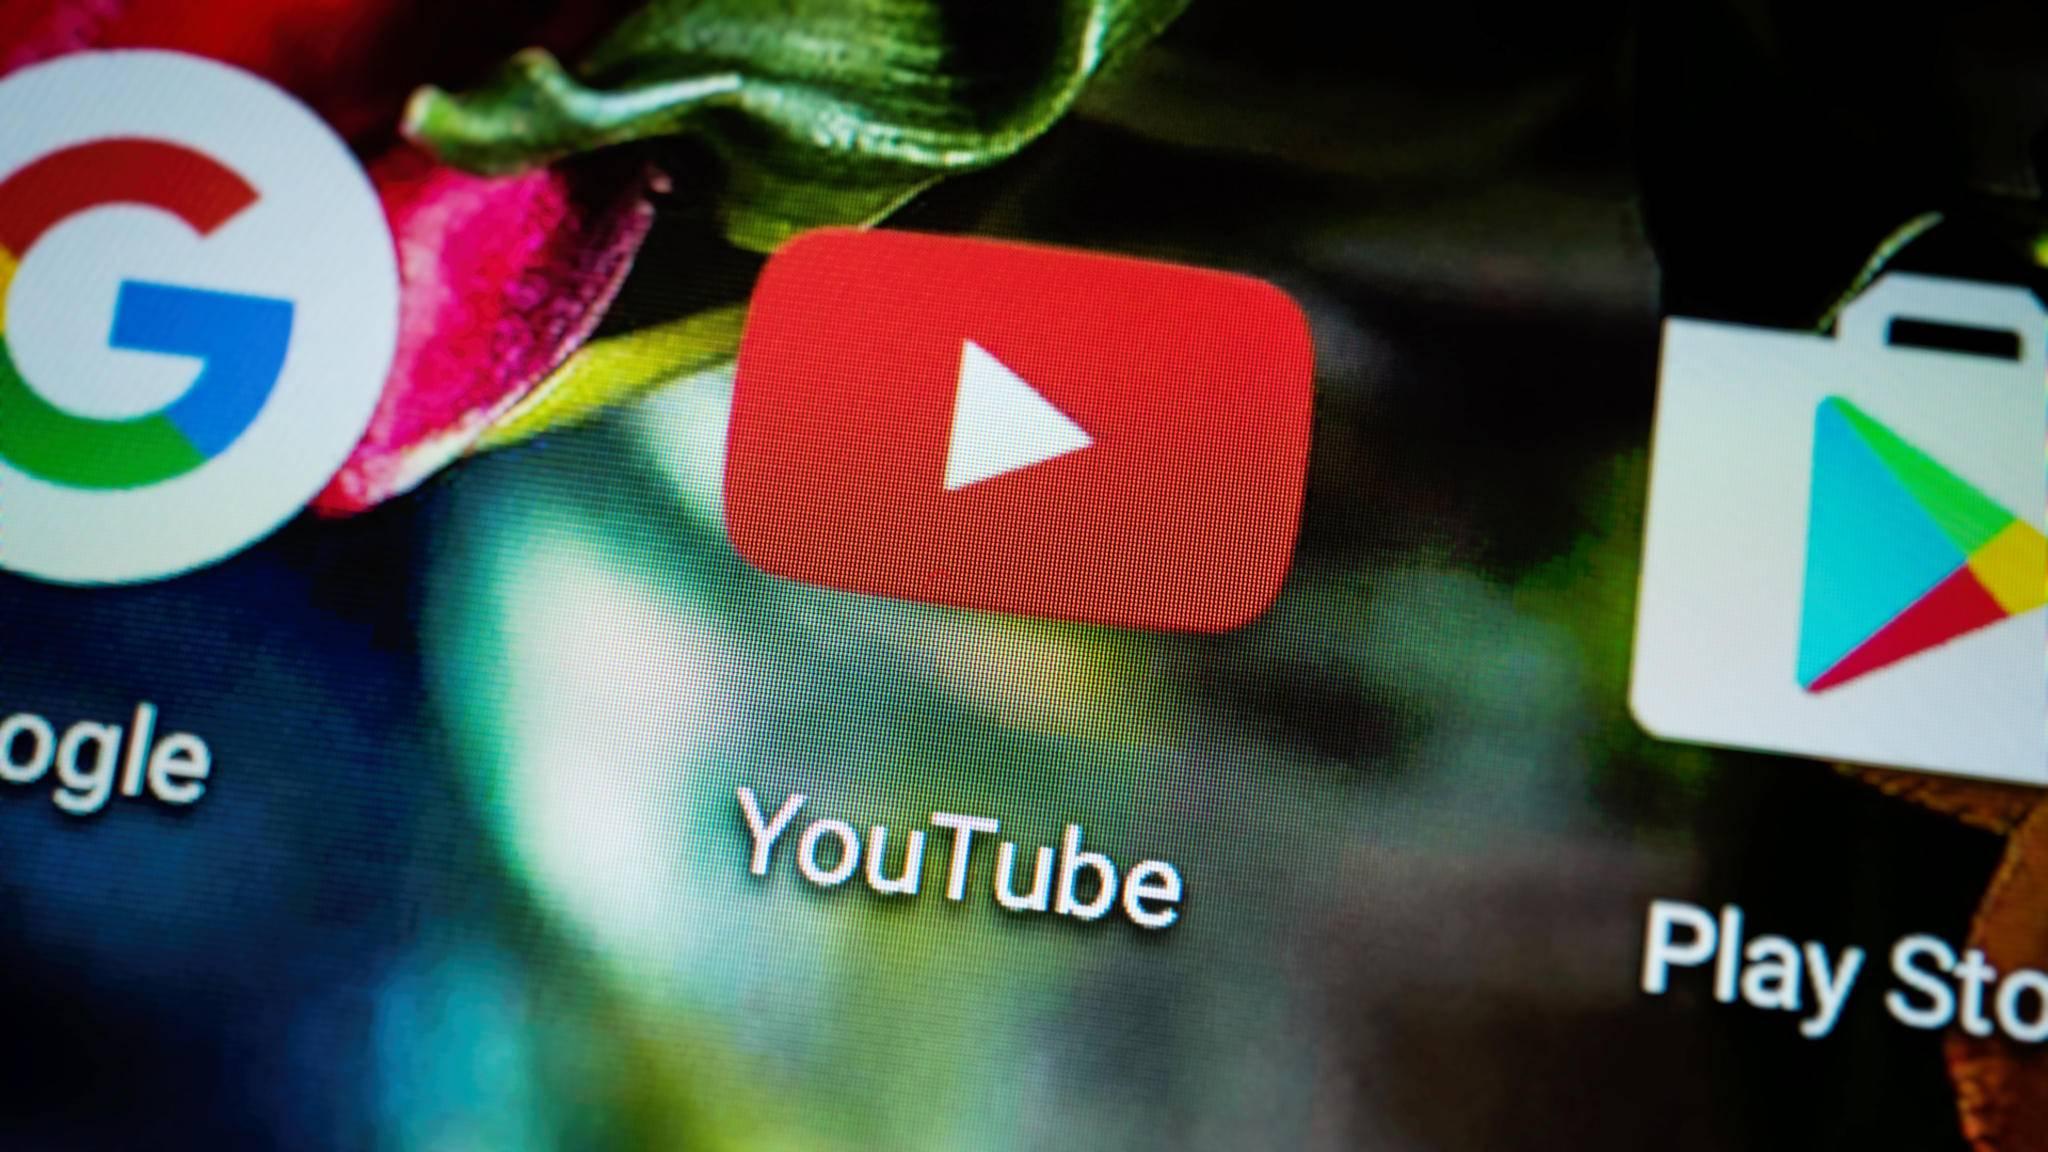 Das neue YouTube-Update für Android bringt den 18:9-Modus auf zahlreiche Smartphone-Flaggschiffe.